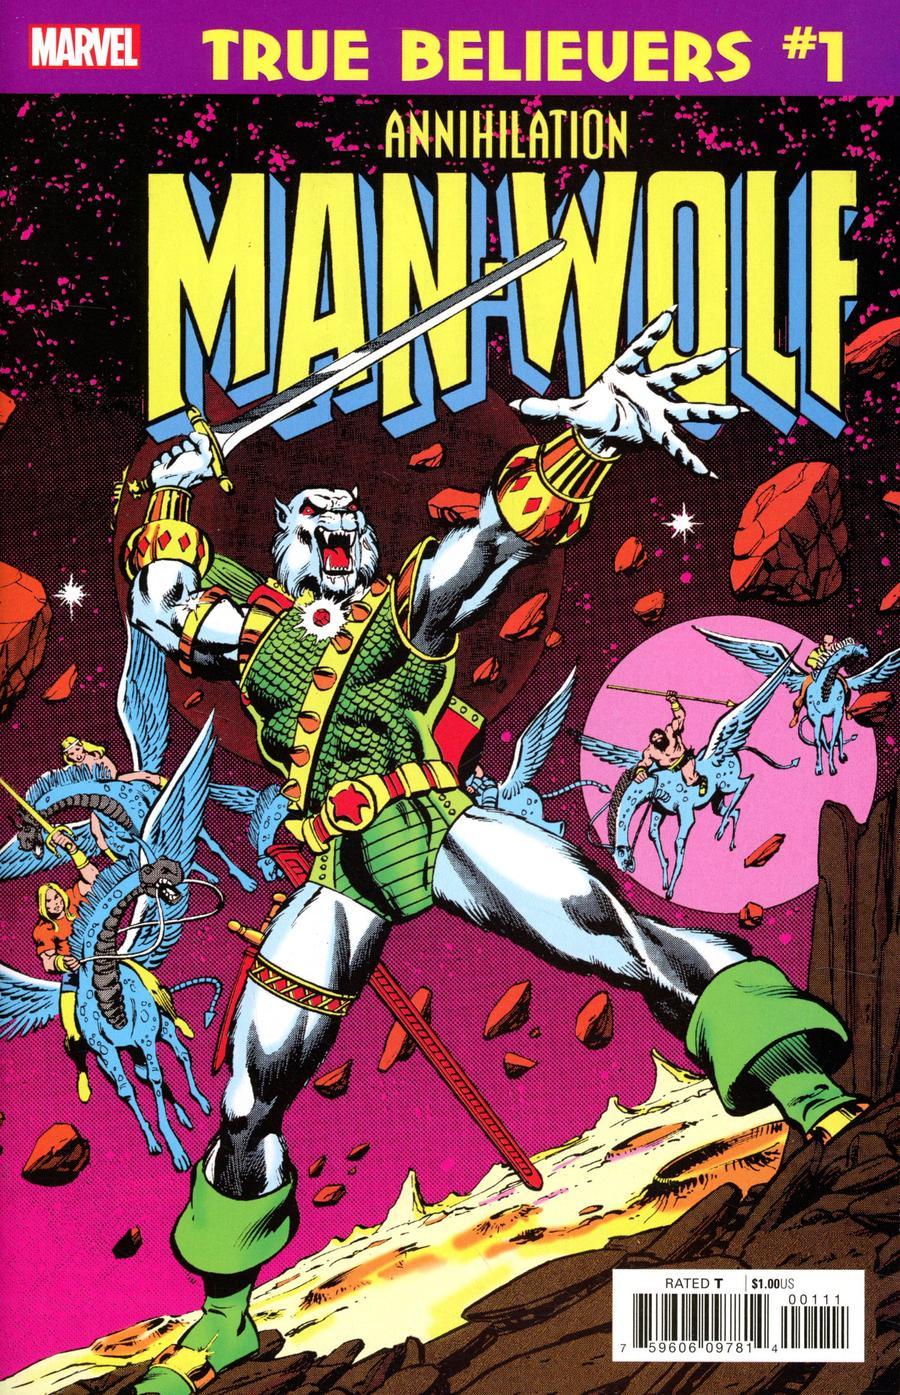 True Believers Annihilation Man-Wolf In Space #1